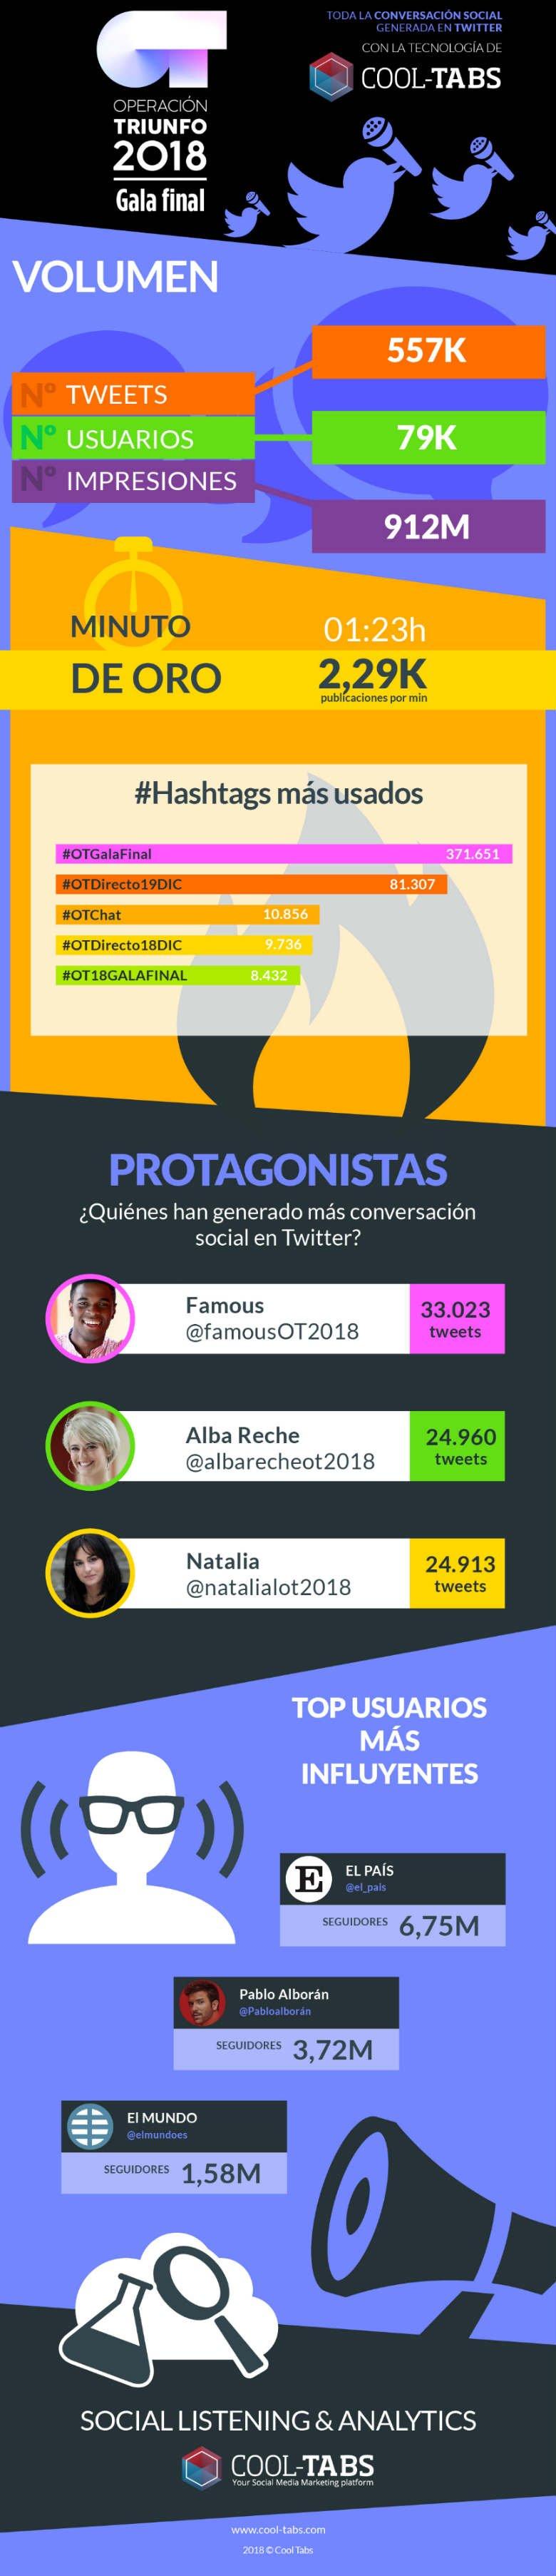 infografia-OT-2018